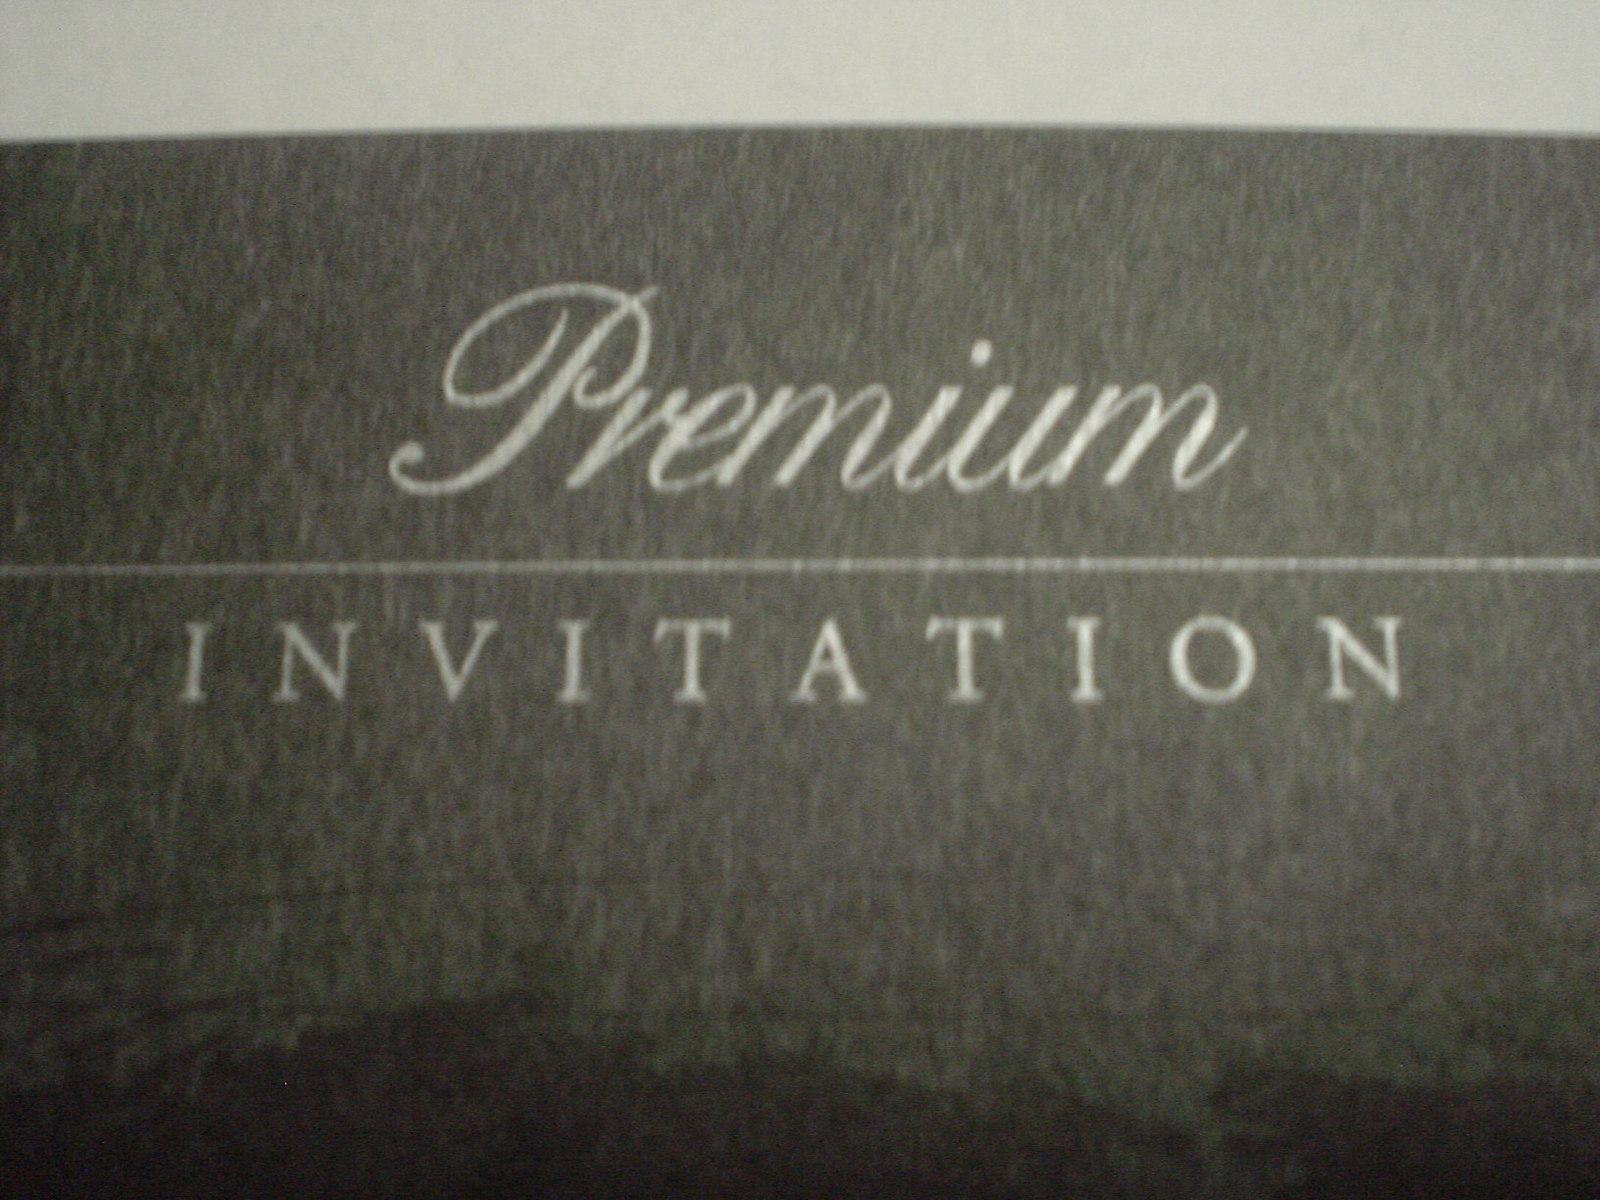 インビテーションの文字が招待である証しです